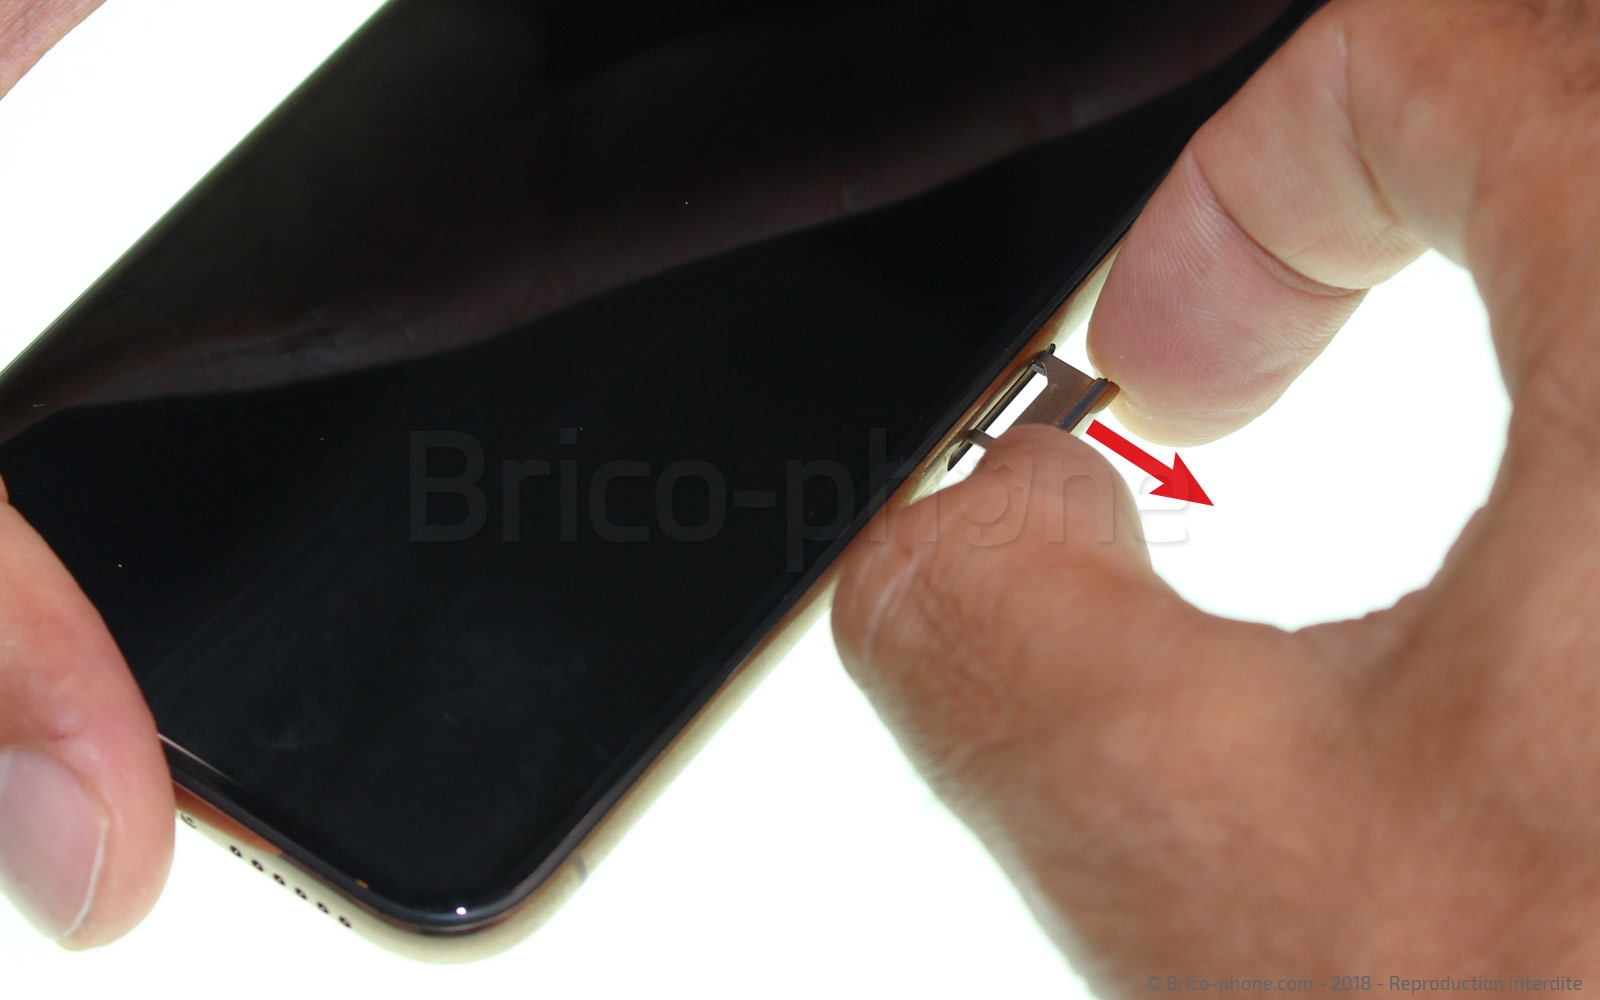 Etape 2 : Eteindre l'iPhone